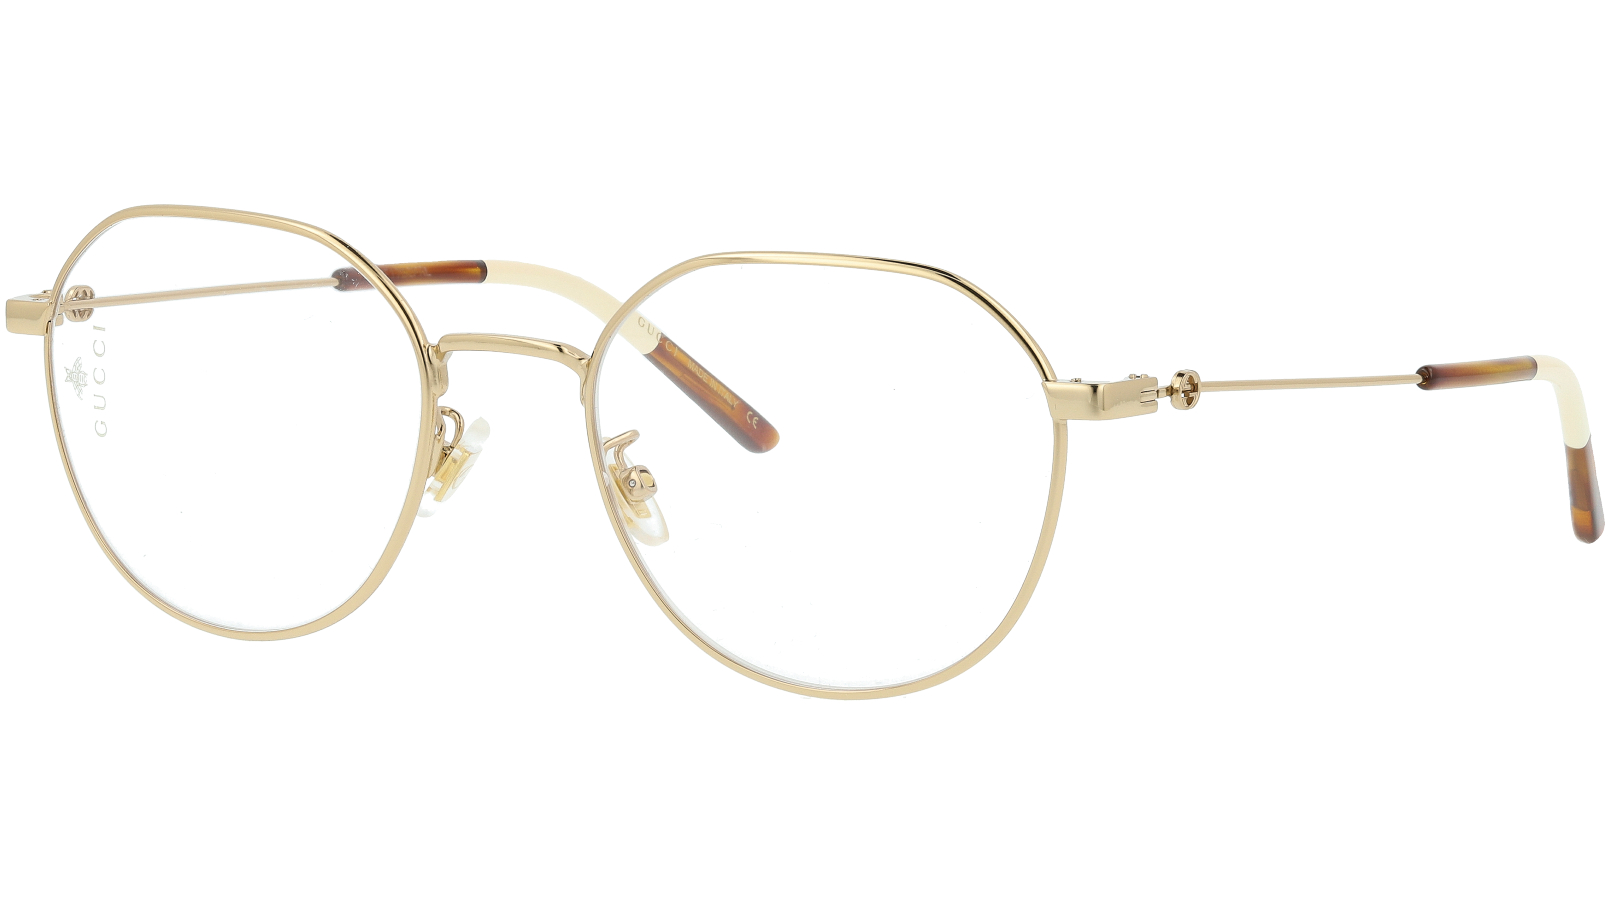 Gucci GG0684O 001 51 Gold Oval Glasses